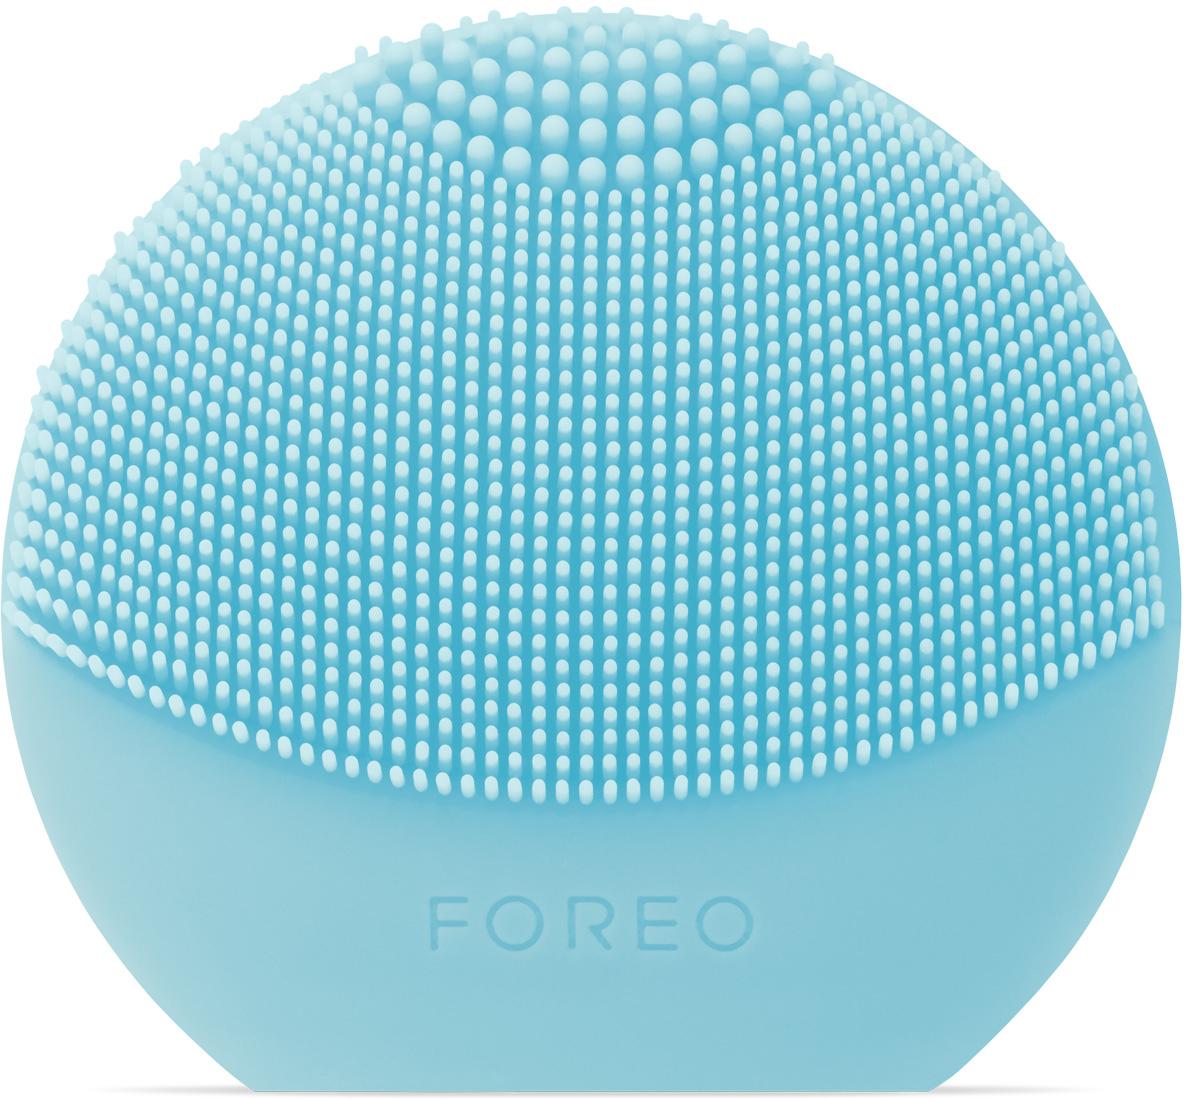 Foreo Щетка для очищения лица LUNA play plus, цвет: Mint (мятный) - Косметологические аппараты